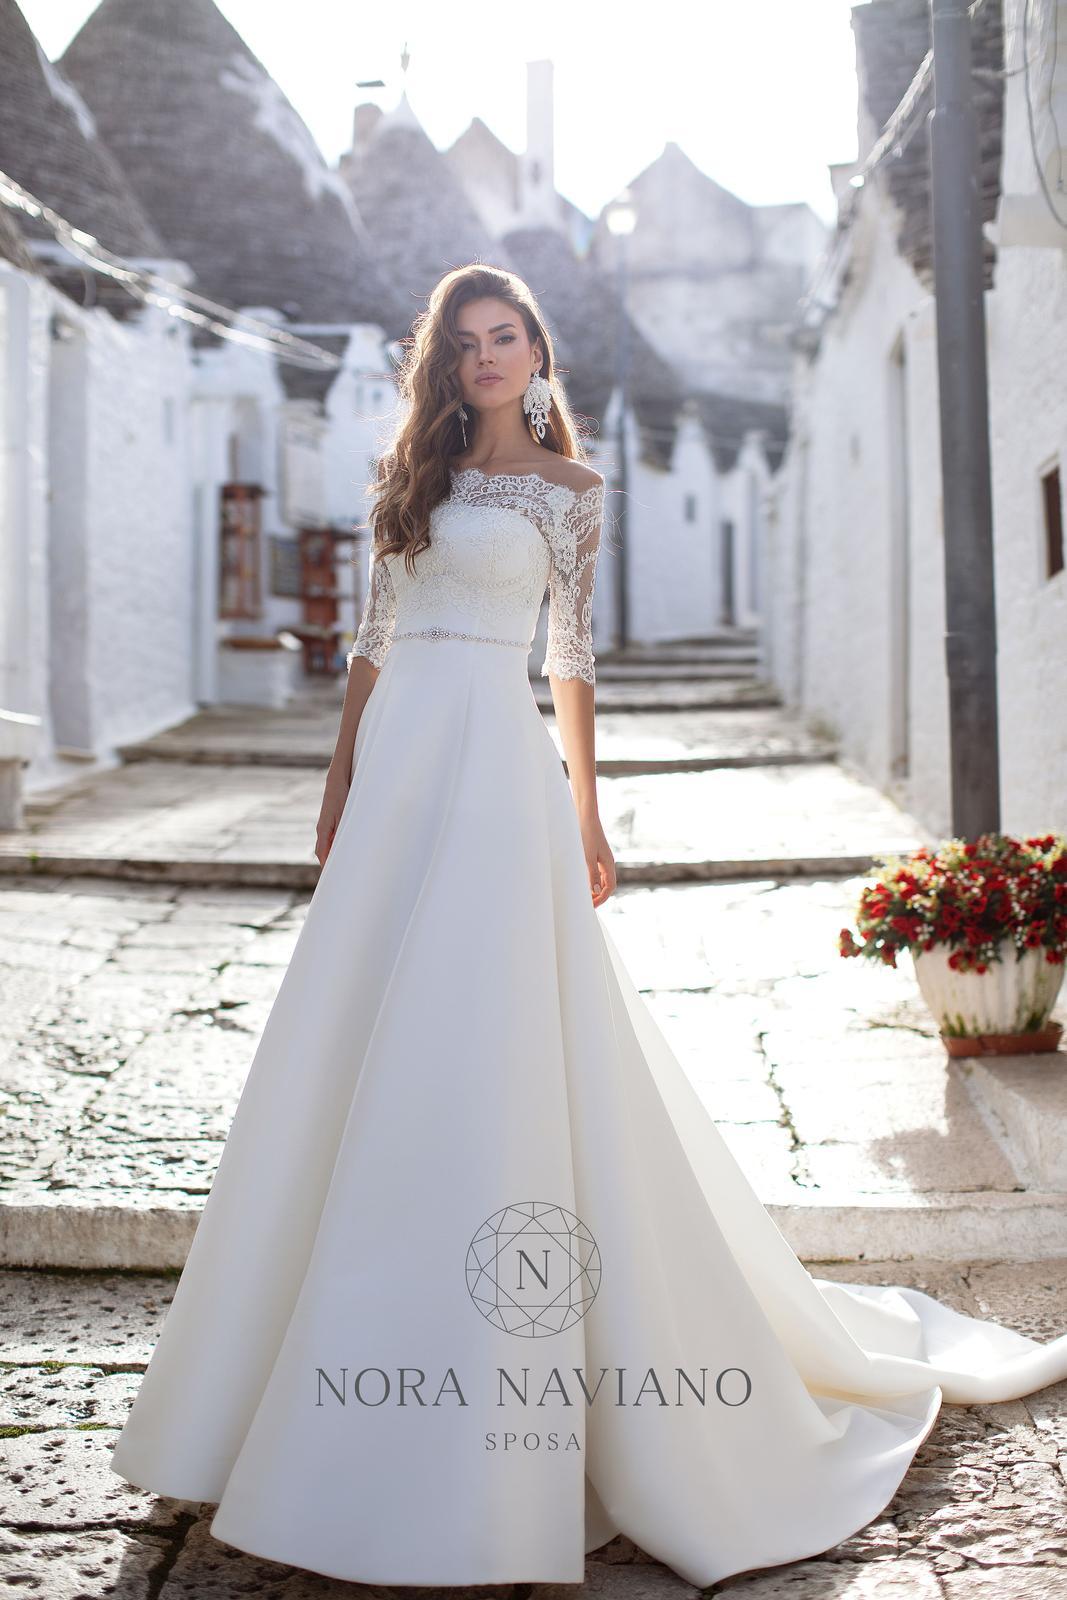 Svadobné šaty Nora Naviano 2020 - Obrázok č. 2